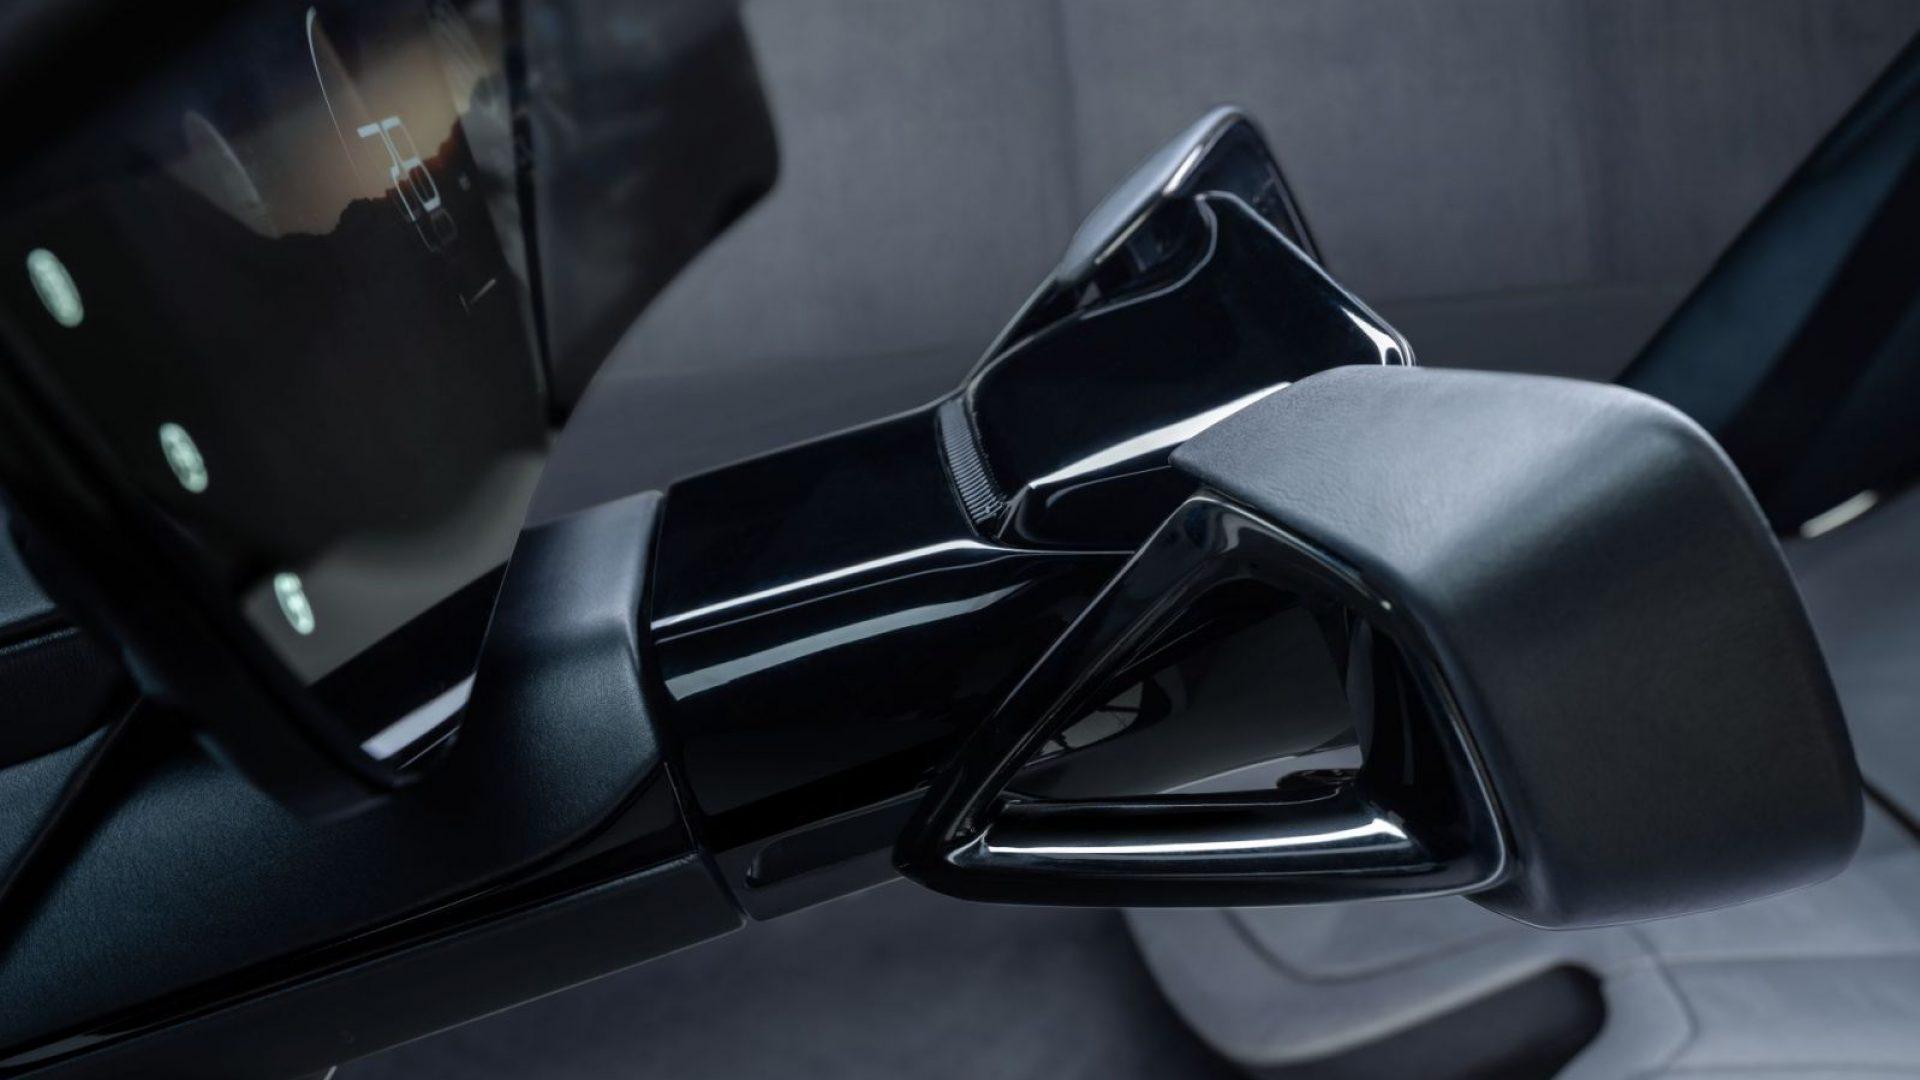 2020-Buick-Electra-Concept-Interior-13